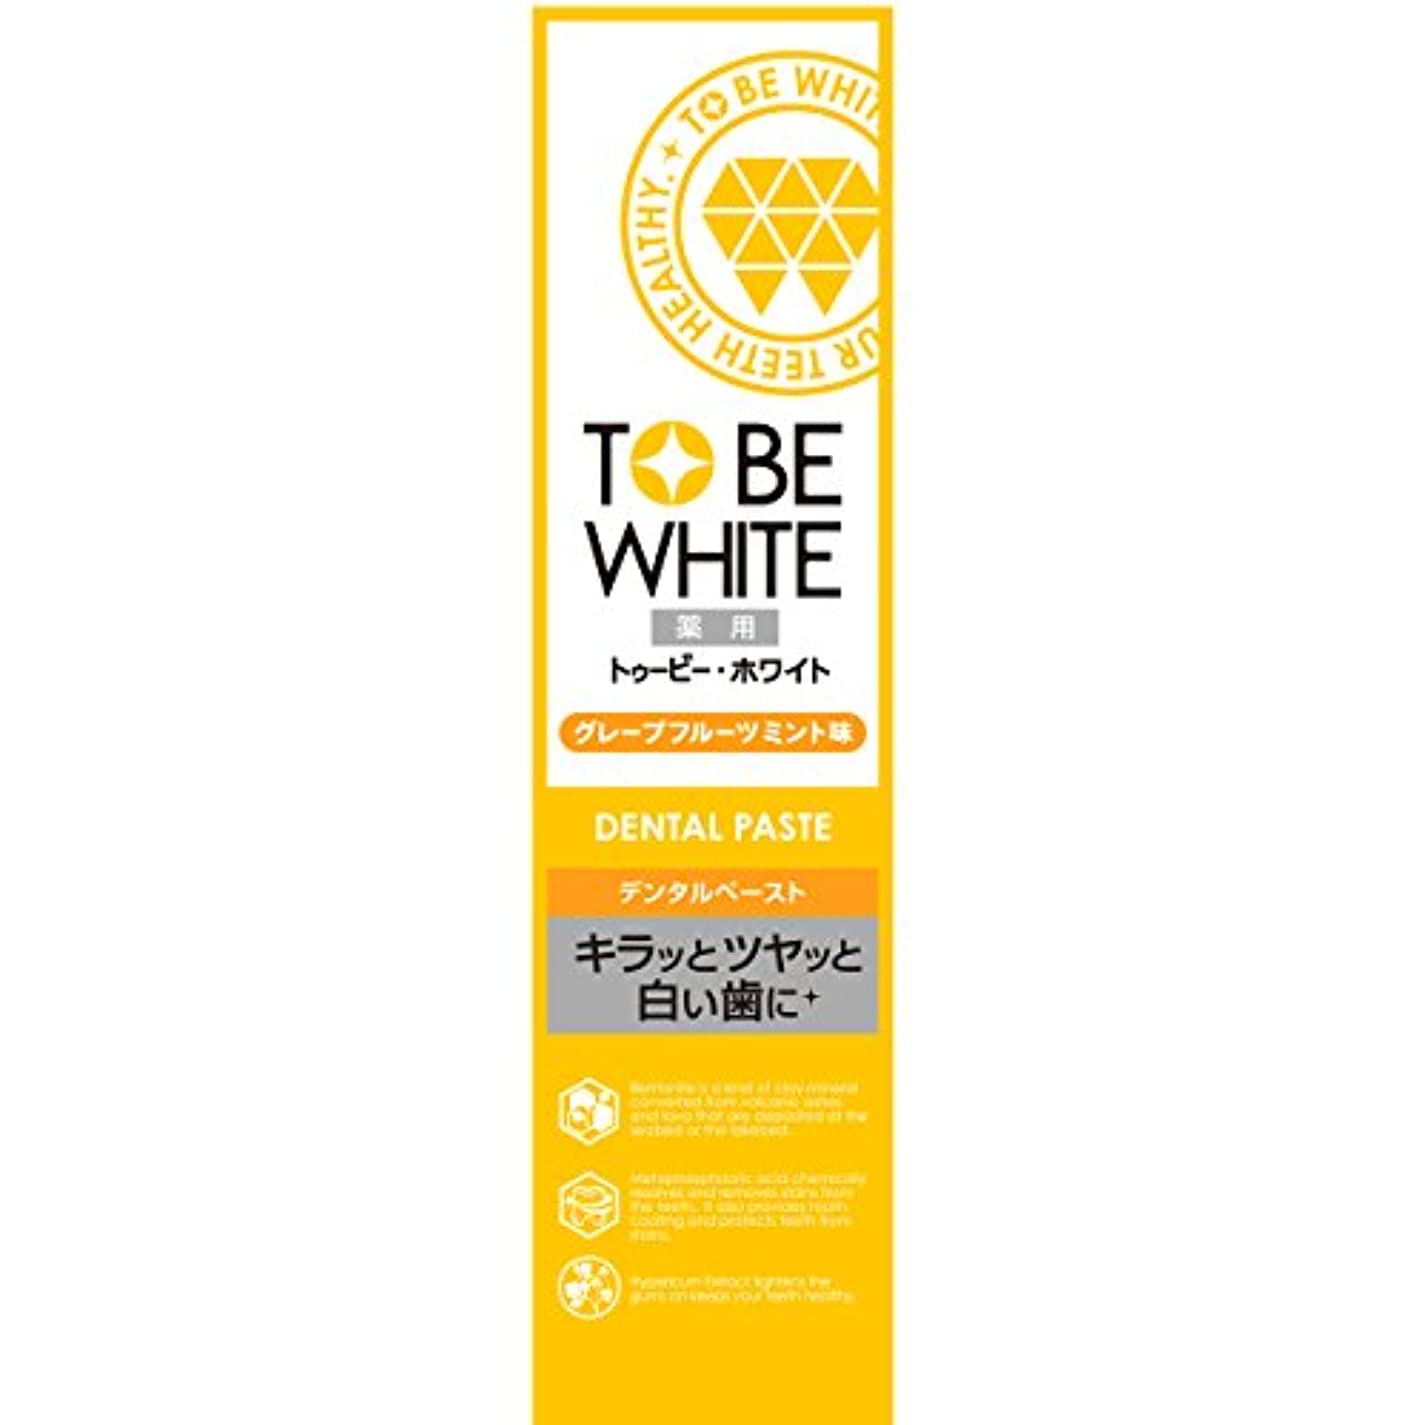 ジョグインスタント暗いトゥービー?ホワイト 薬用 ホワイトニング ハミガキ粉 グレープフルーツミント 味 60g 【医薬部外品】